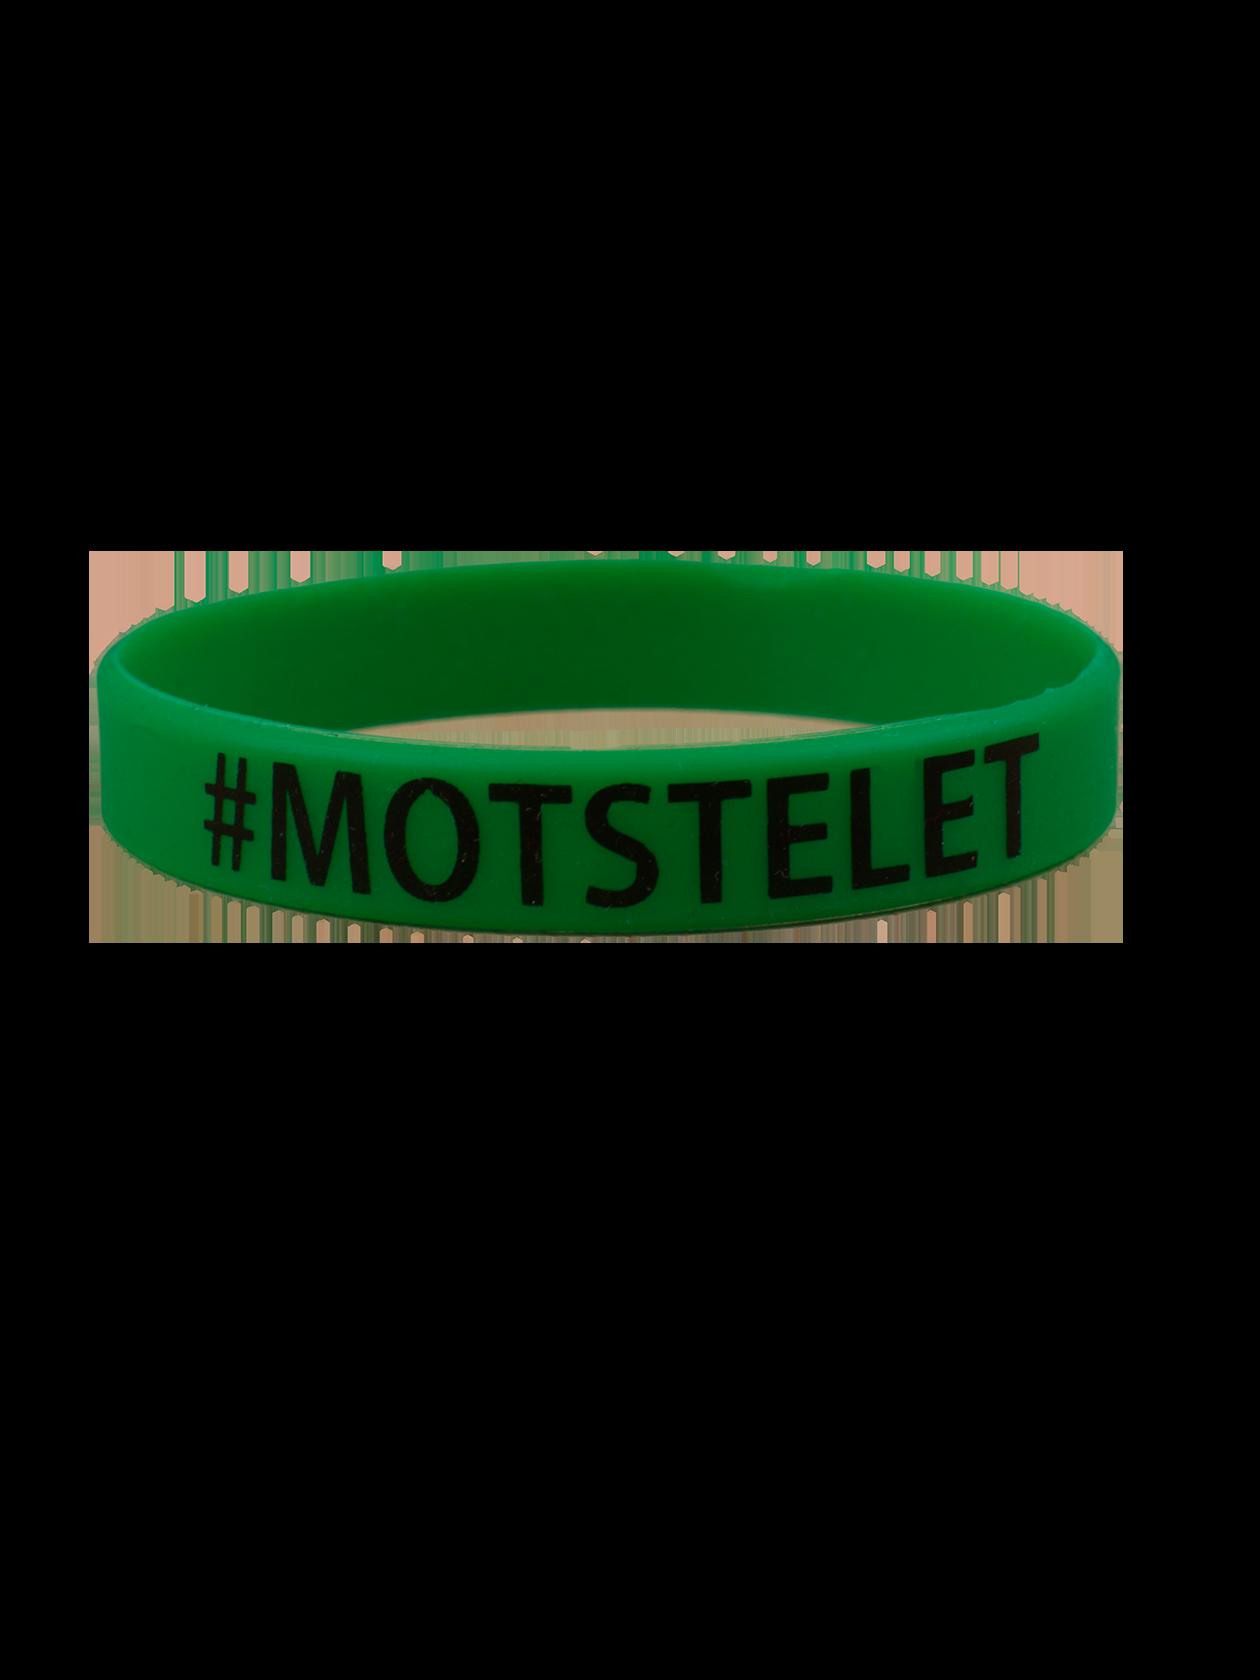 Браслет #MOT STELETБраслет #Mot Stelet из мерча популярного артиста Мота – яркий аксессуар для завершения индивидуального стиля. При изготовлении модели использовался высококачественный силиконовый материал, отличающийся особой практичностью. Изделие округлой формы, небольшой ширины, с контрастной надписью #Mot Stelet. Браслет представлен в красной, желтой, синей, зеленой и оранжевой расцветке. Меняйте украшение в зависимости от настроения и образа.<br><br>Размер: Единый размер<br>Цвет: Зеленый<br>Пол: Унисекс